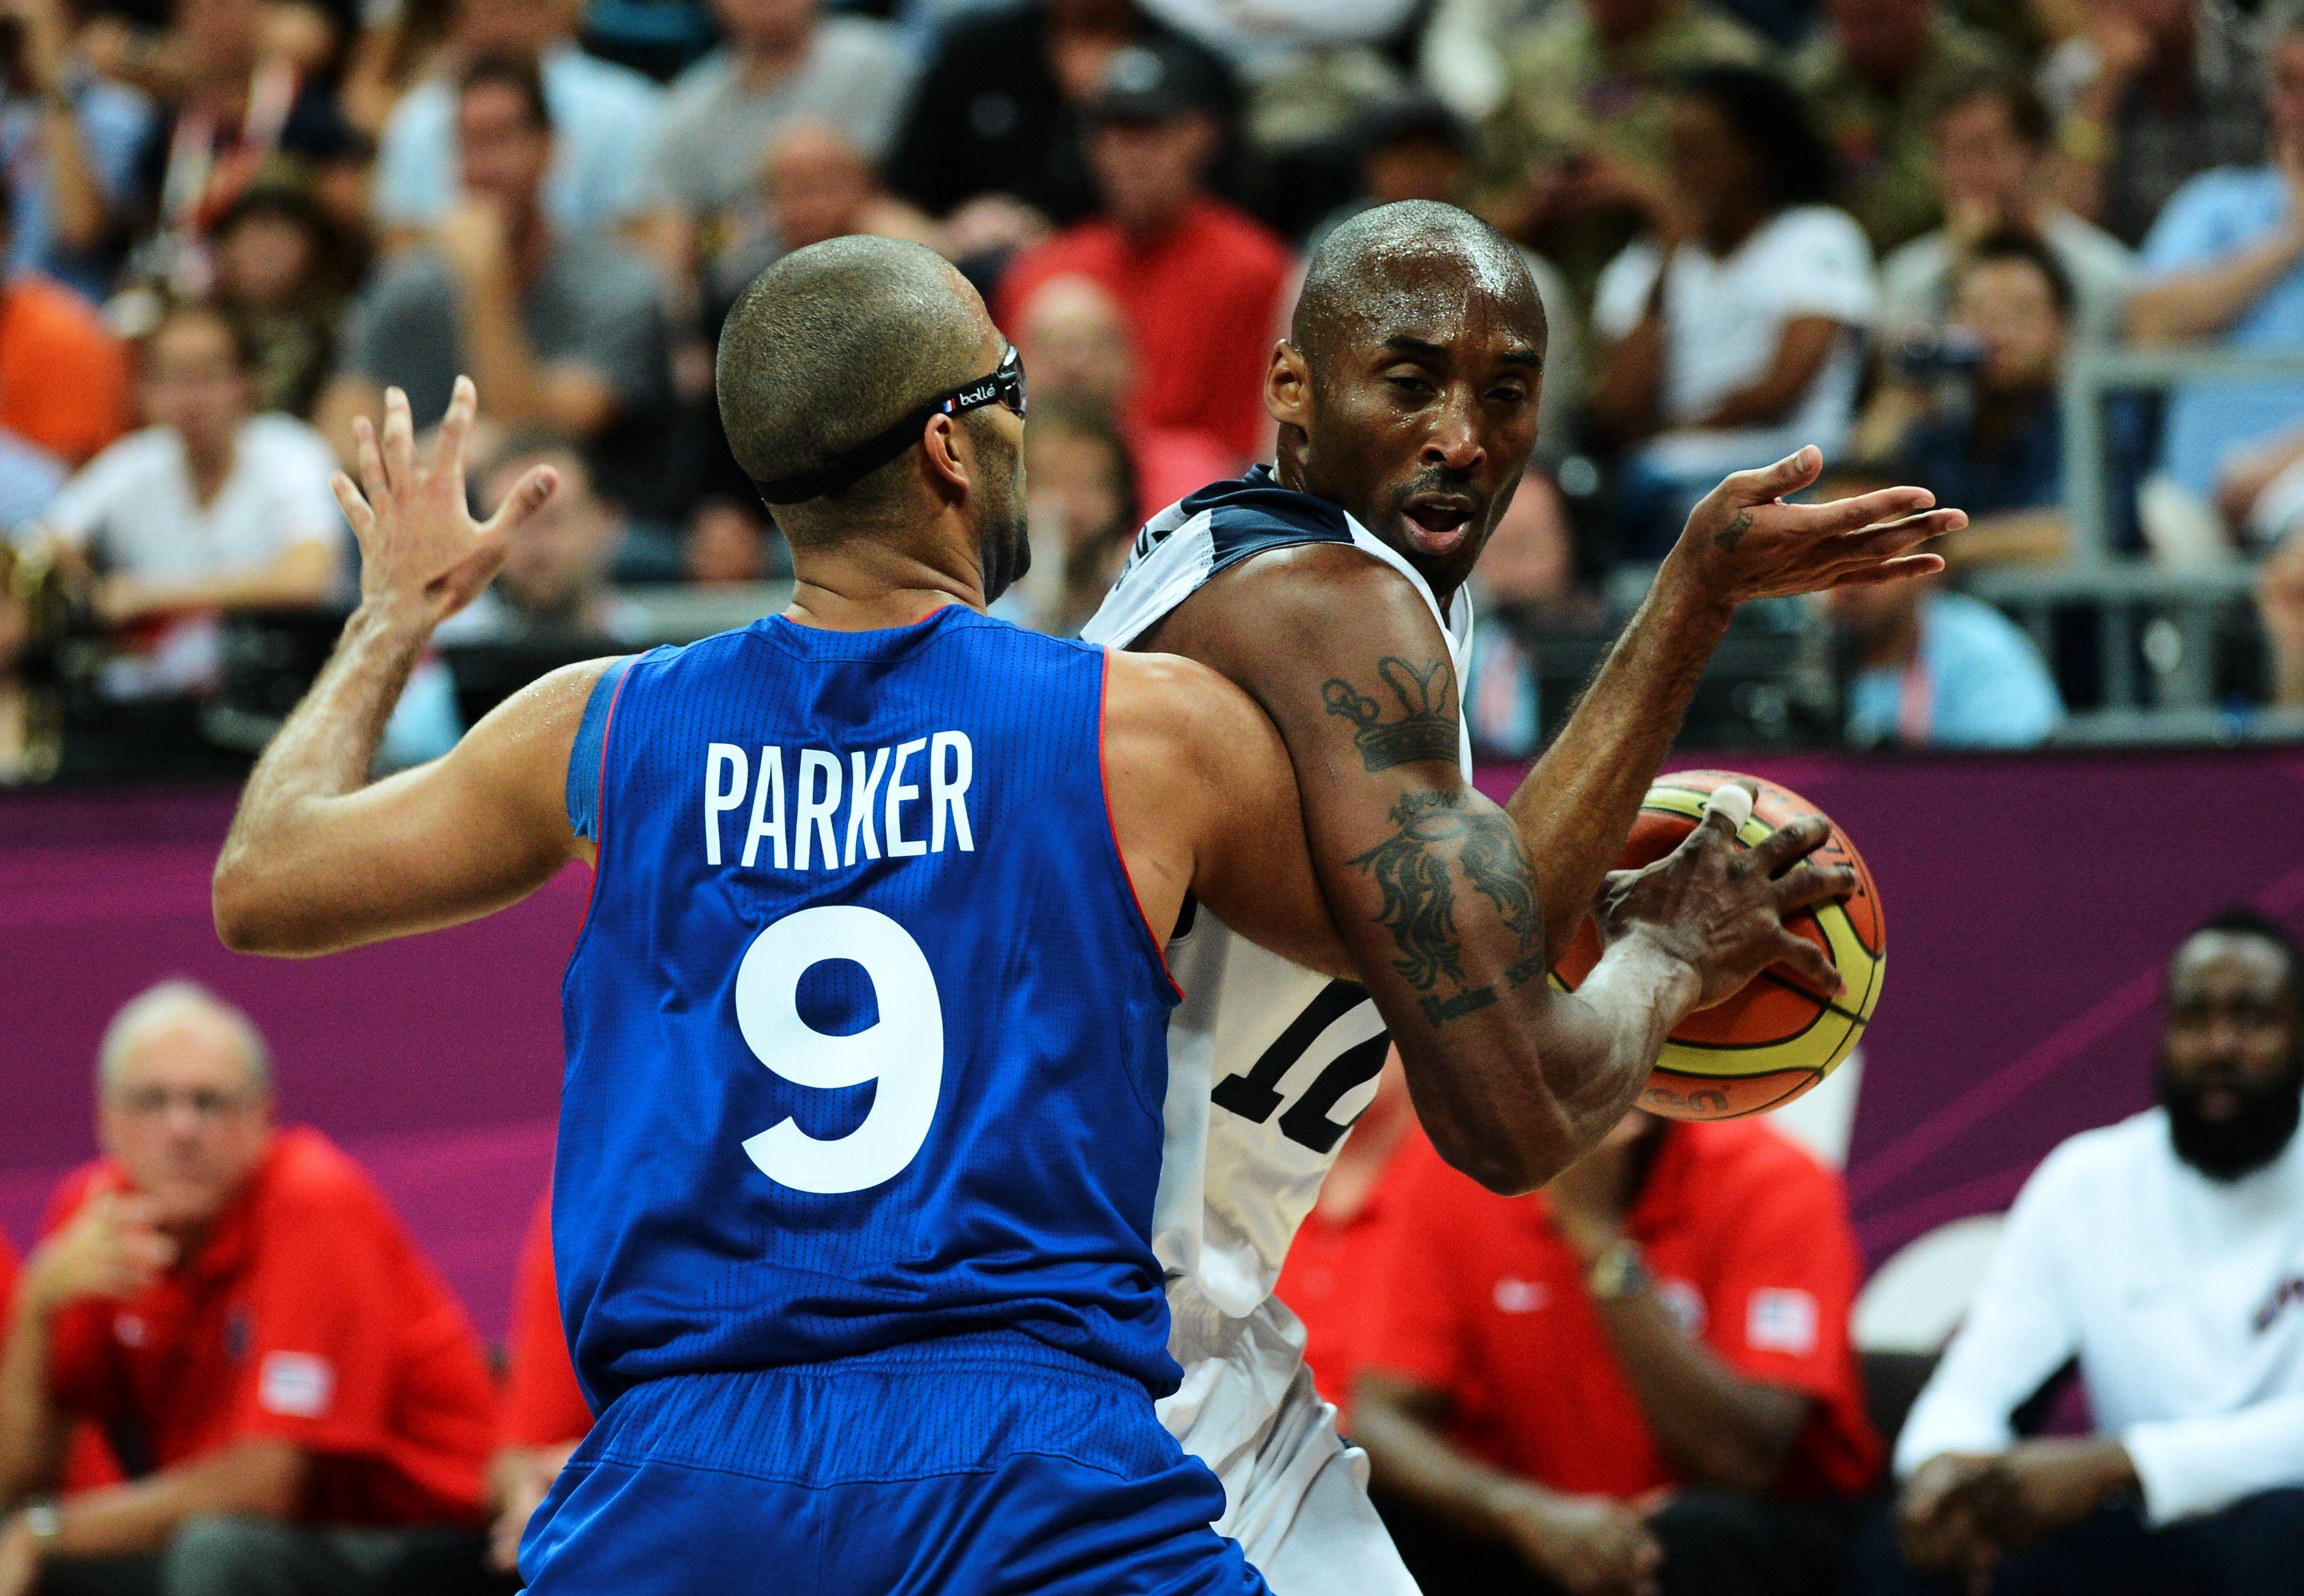 Basket - Equipe de France - Coupe du monde de basket : les cinq derniers matches entre la France et Team USA